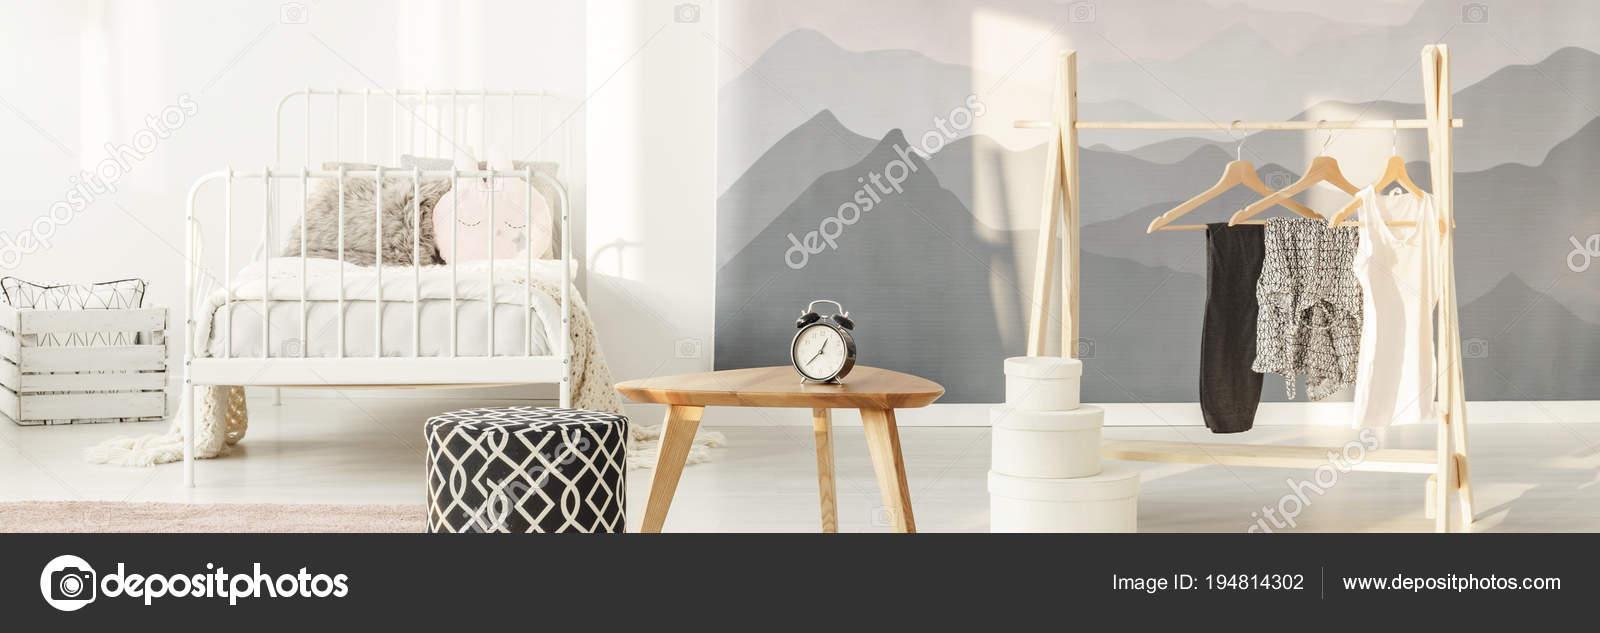 Uhr Und Kleidung Im Schlafzimmer Stockfoto C Photographee Eu